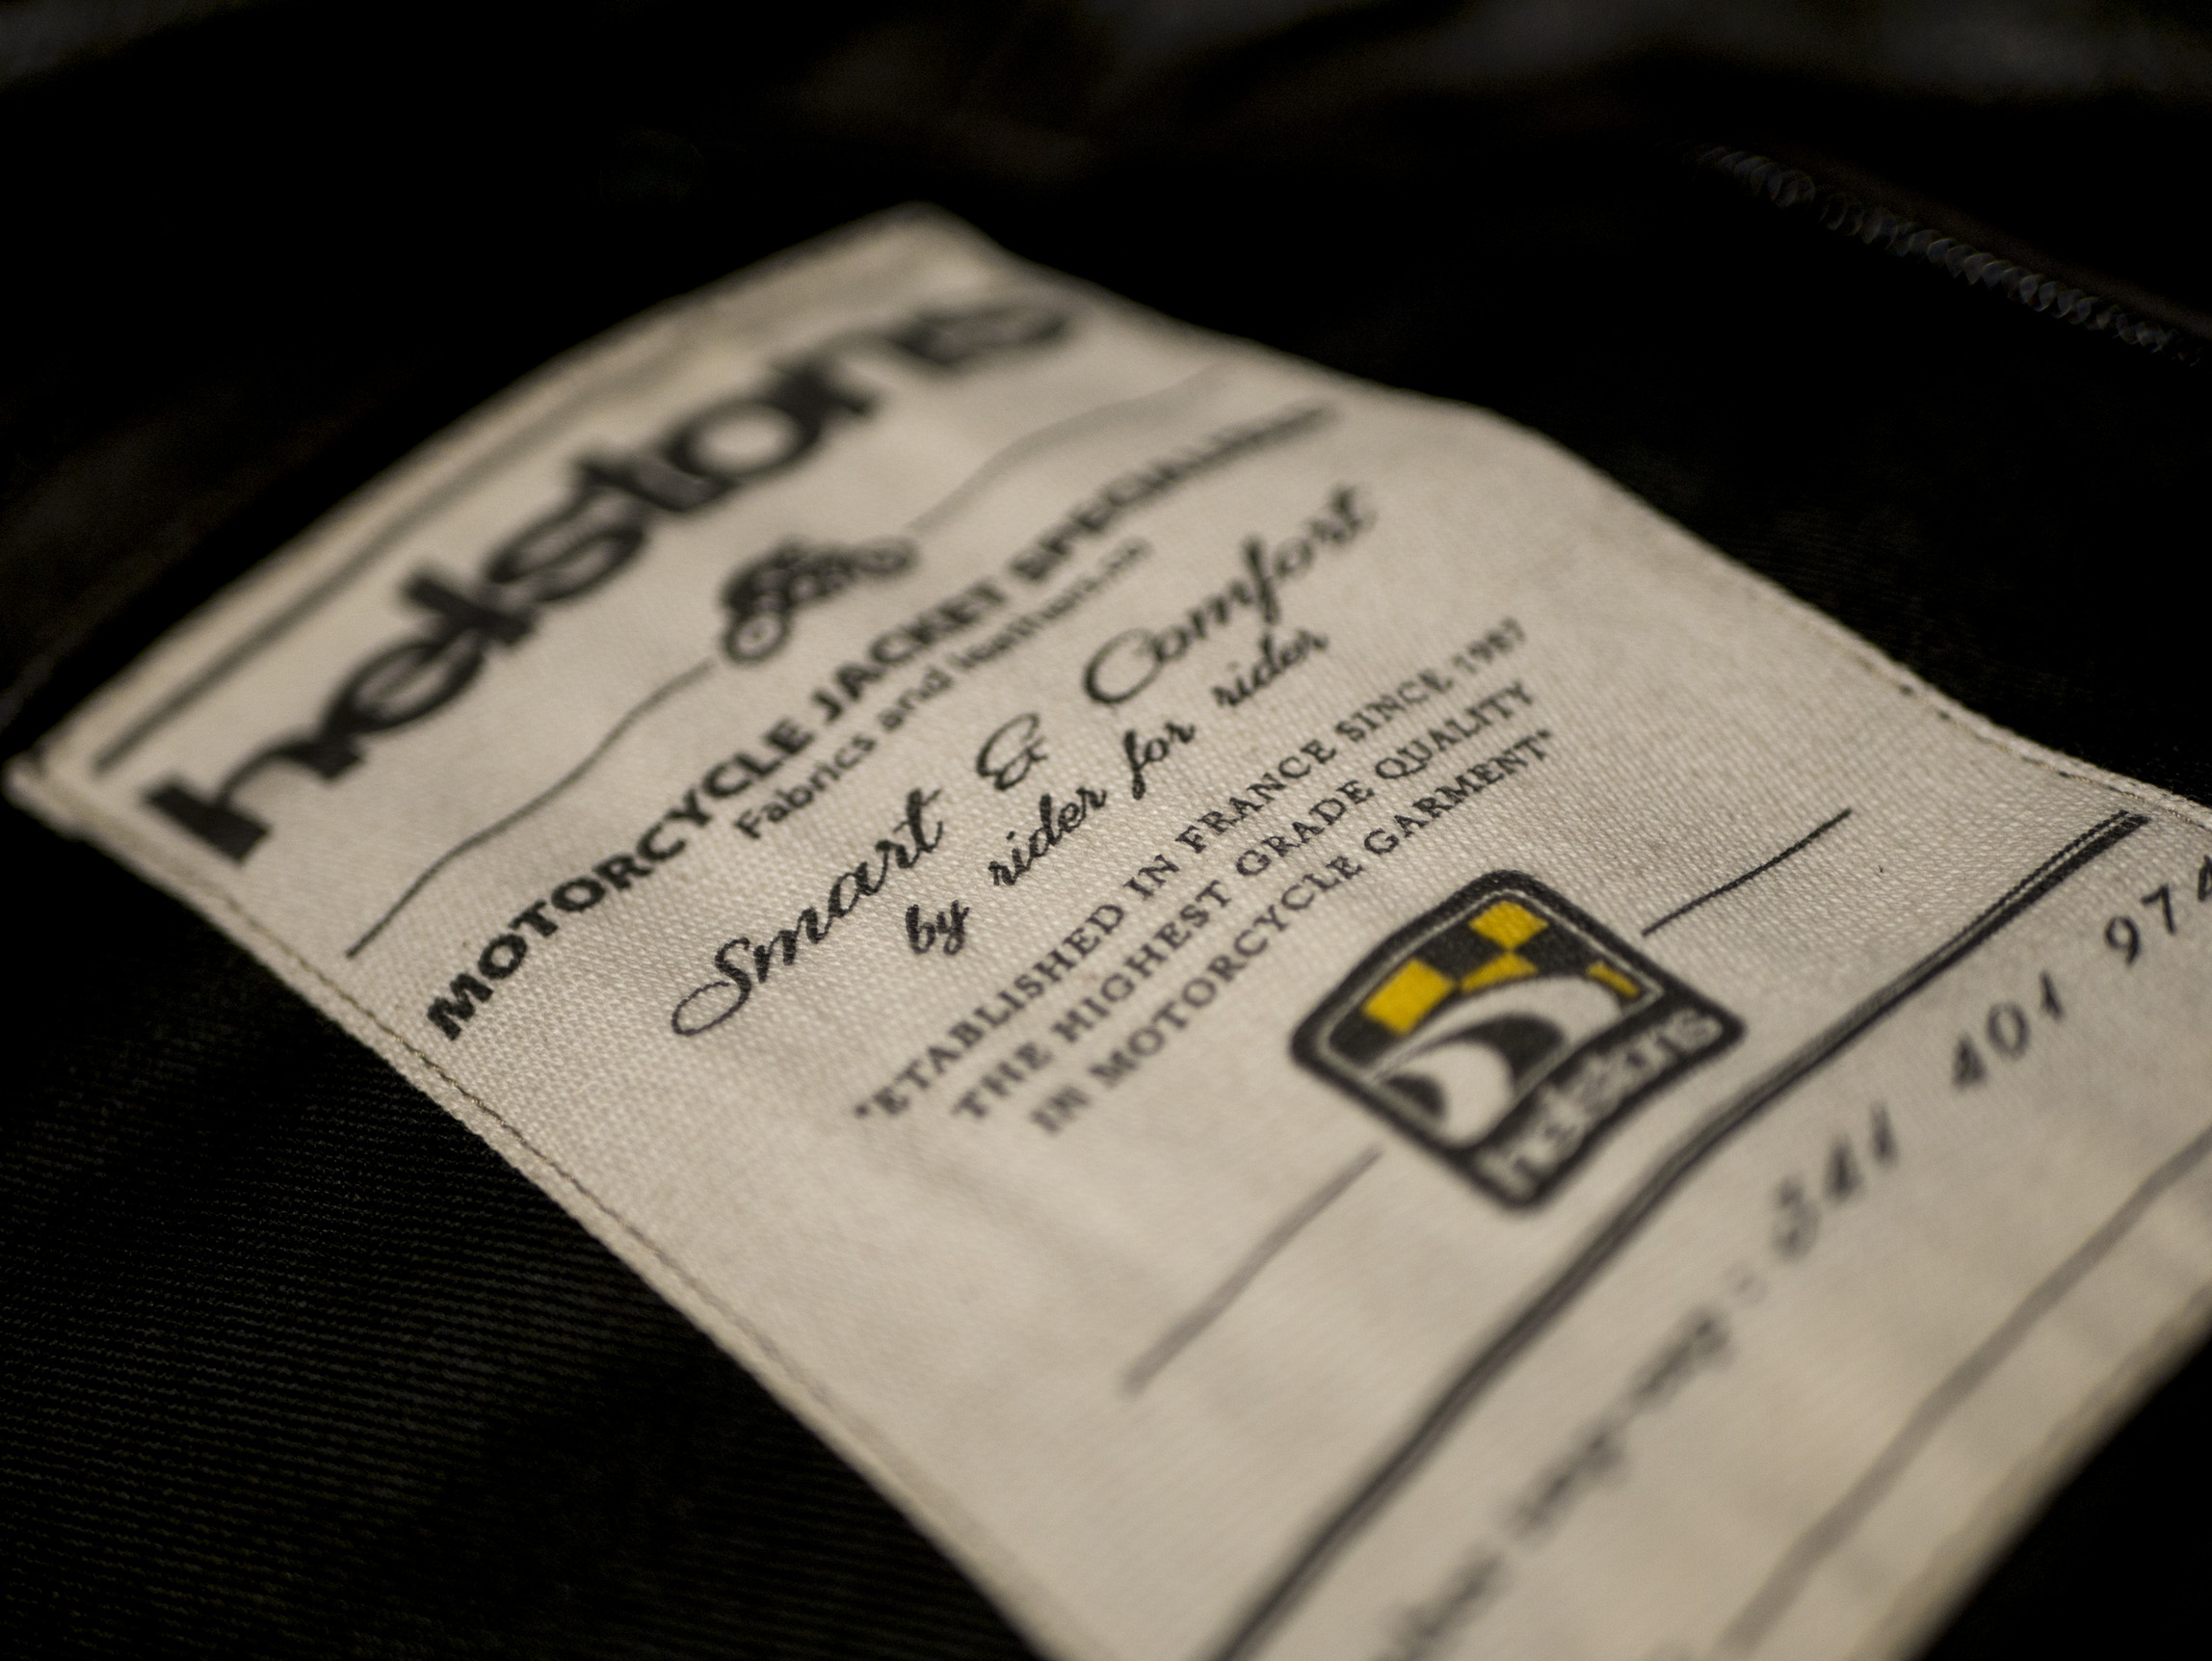 etiqueta cosida en la chaqueta Helstons Benji Fender